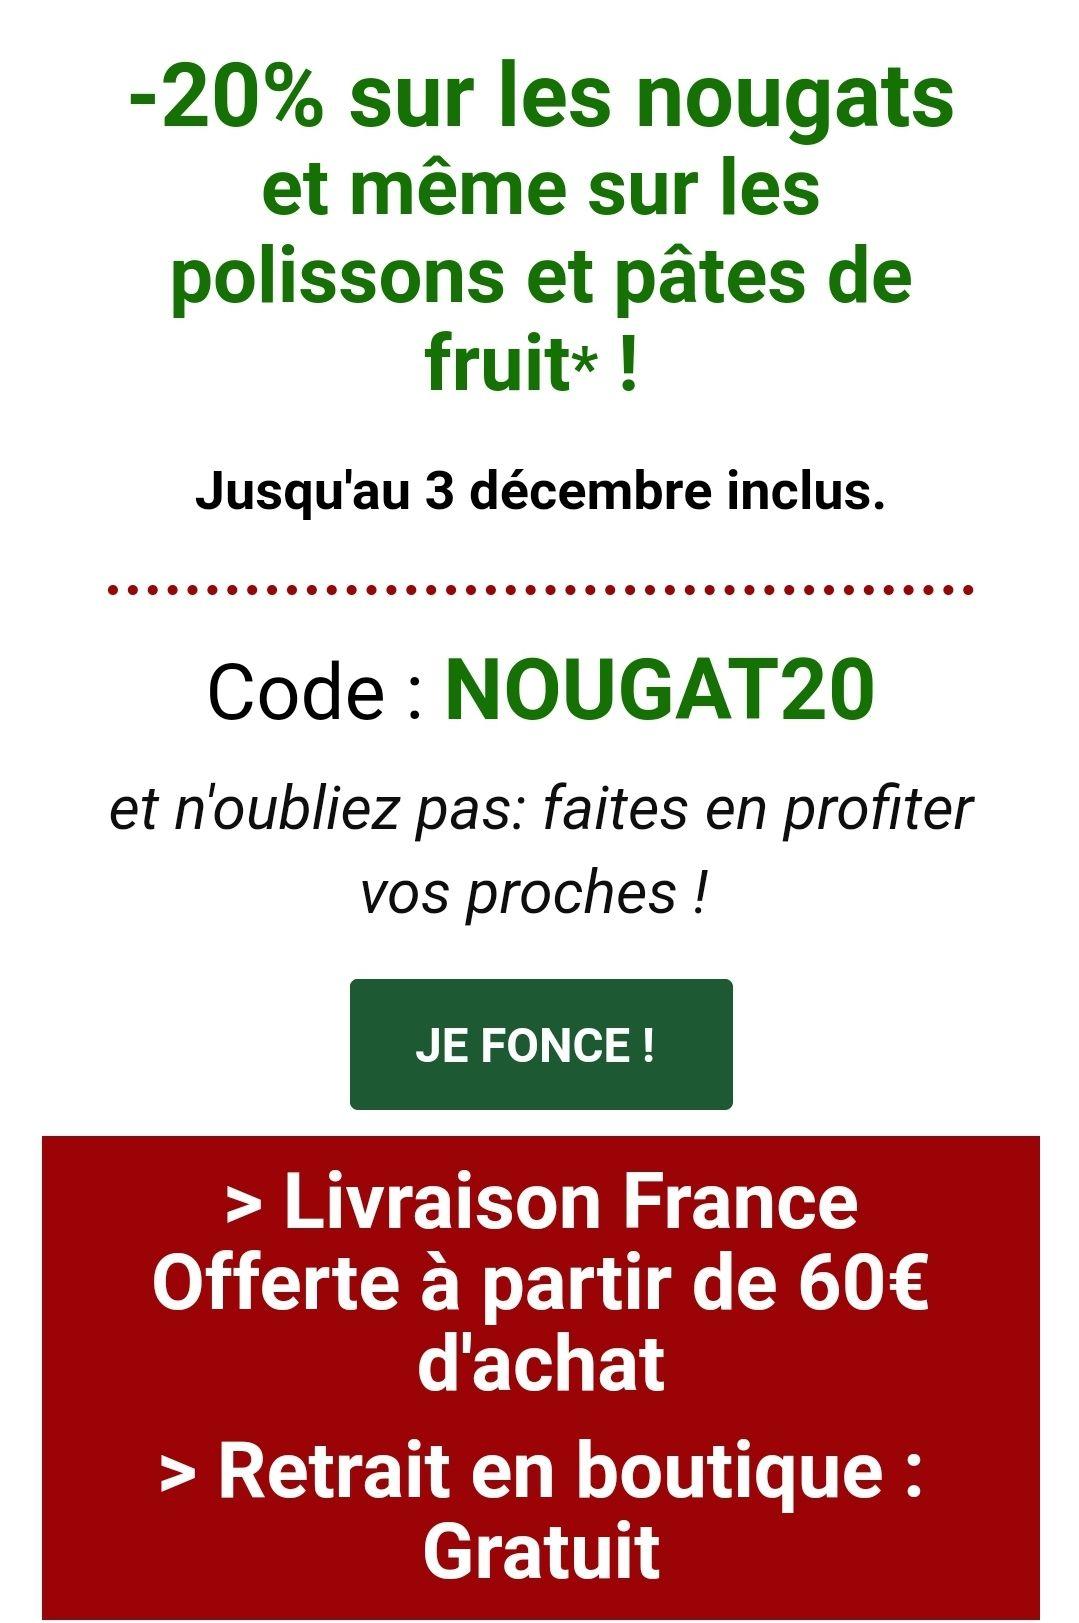 20% de remise sur les Nougats, Polissons et Pâtes de fruit (nougats-silvain.fr)